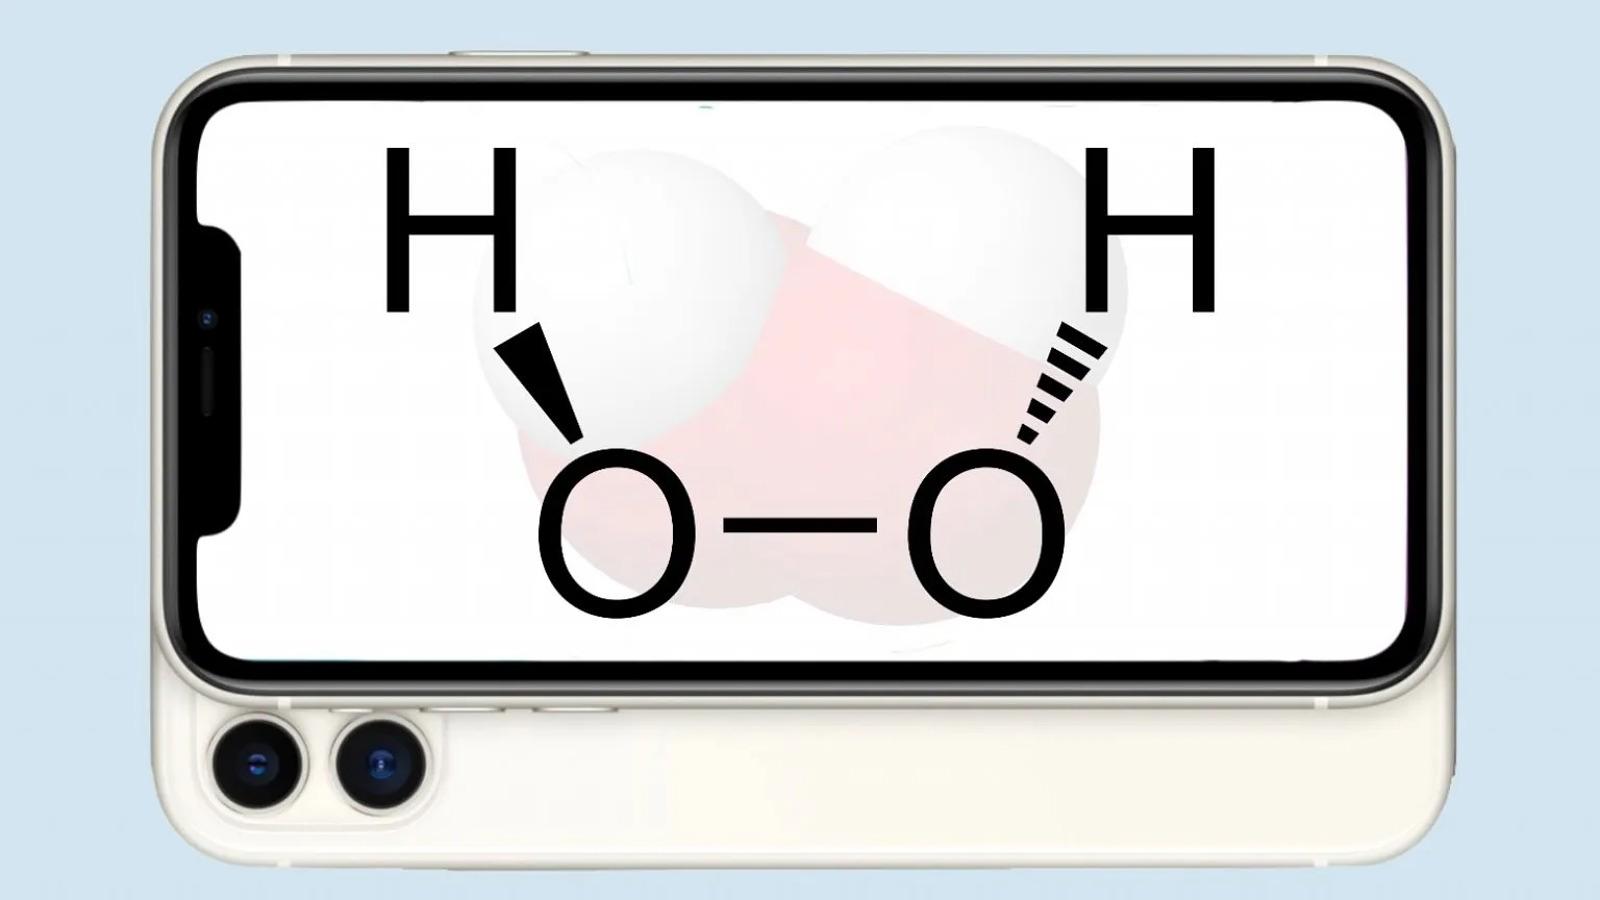 منع استفاده از هیدروژن پراکسید برای تمیز کردن دستگاه اپل